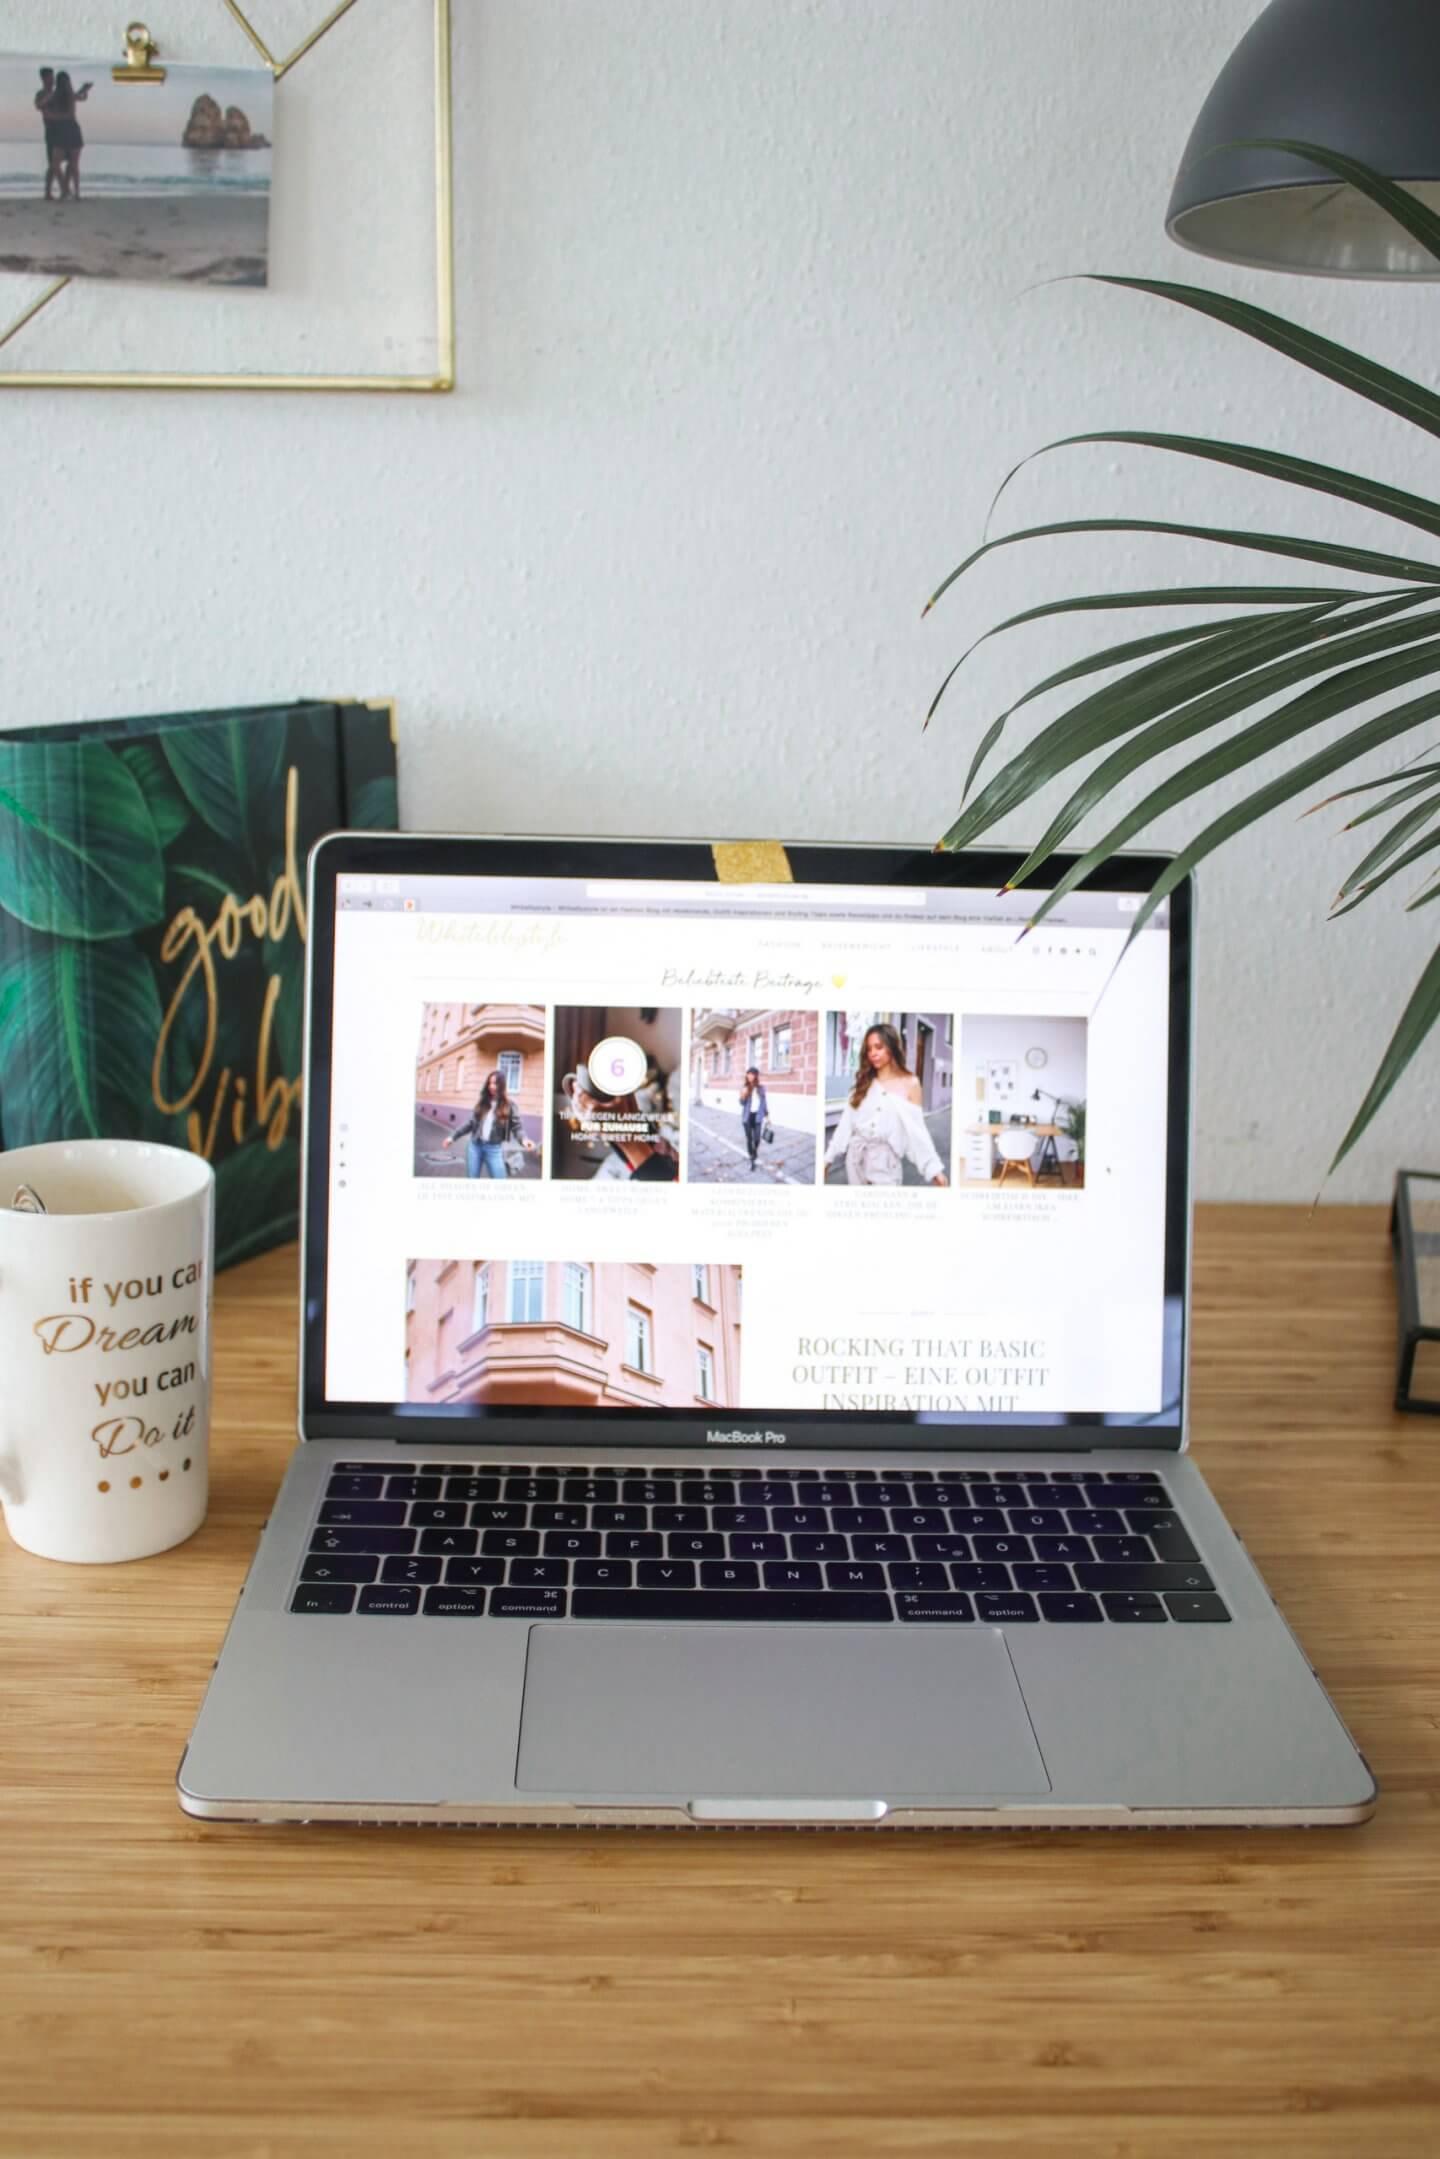 Starte deinen Blog gleich richtig! Einen WordPress Blog erstellen im Jahr 2020